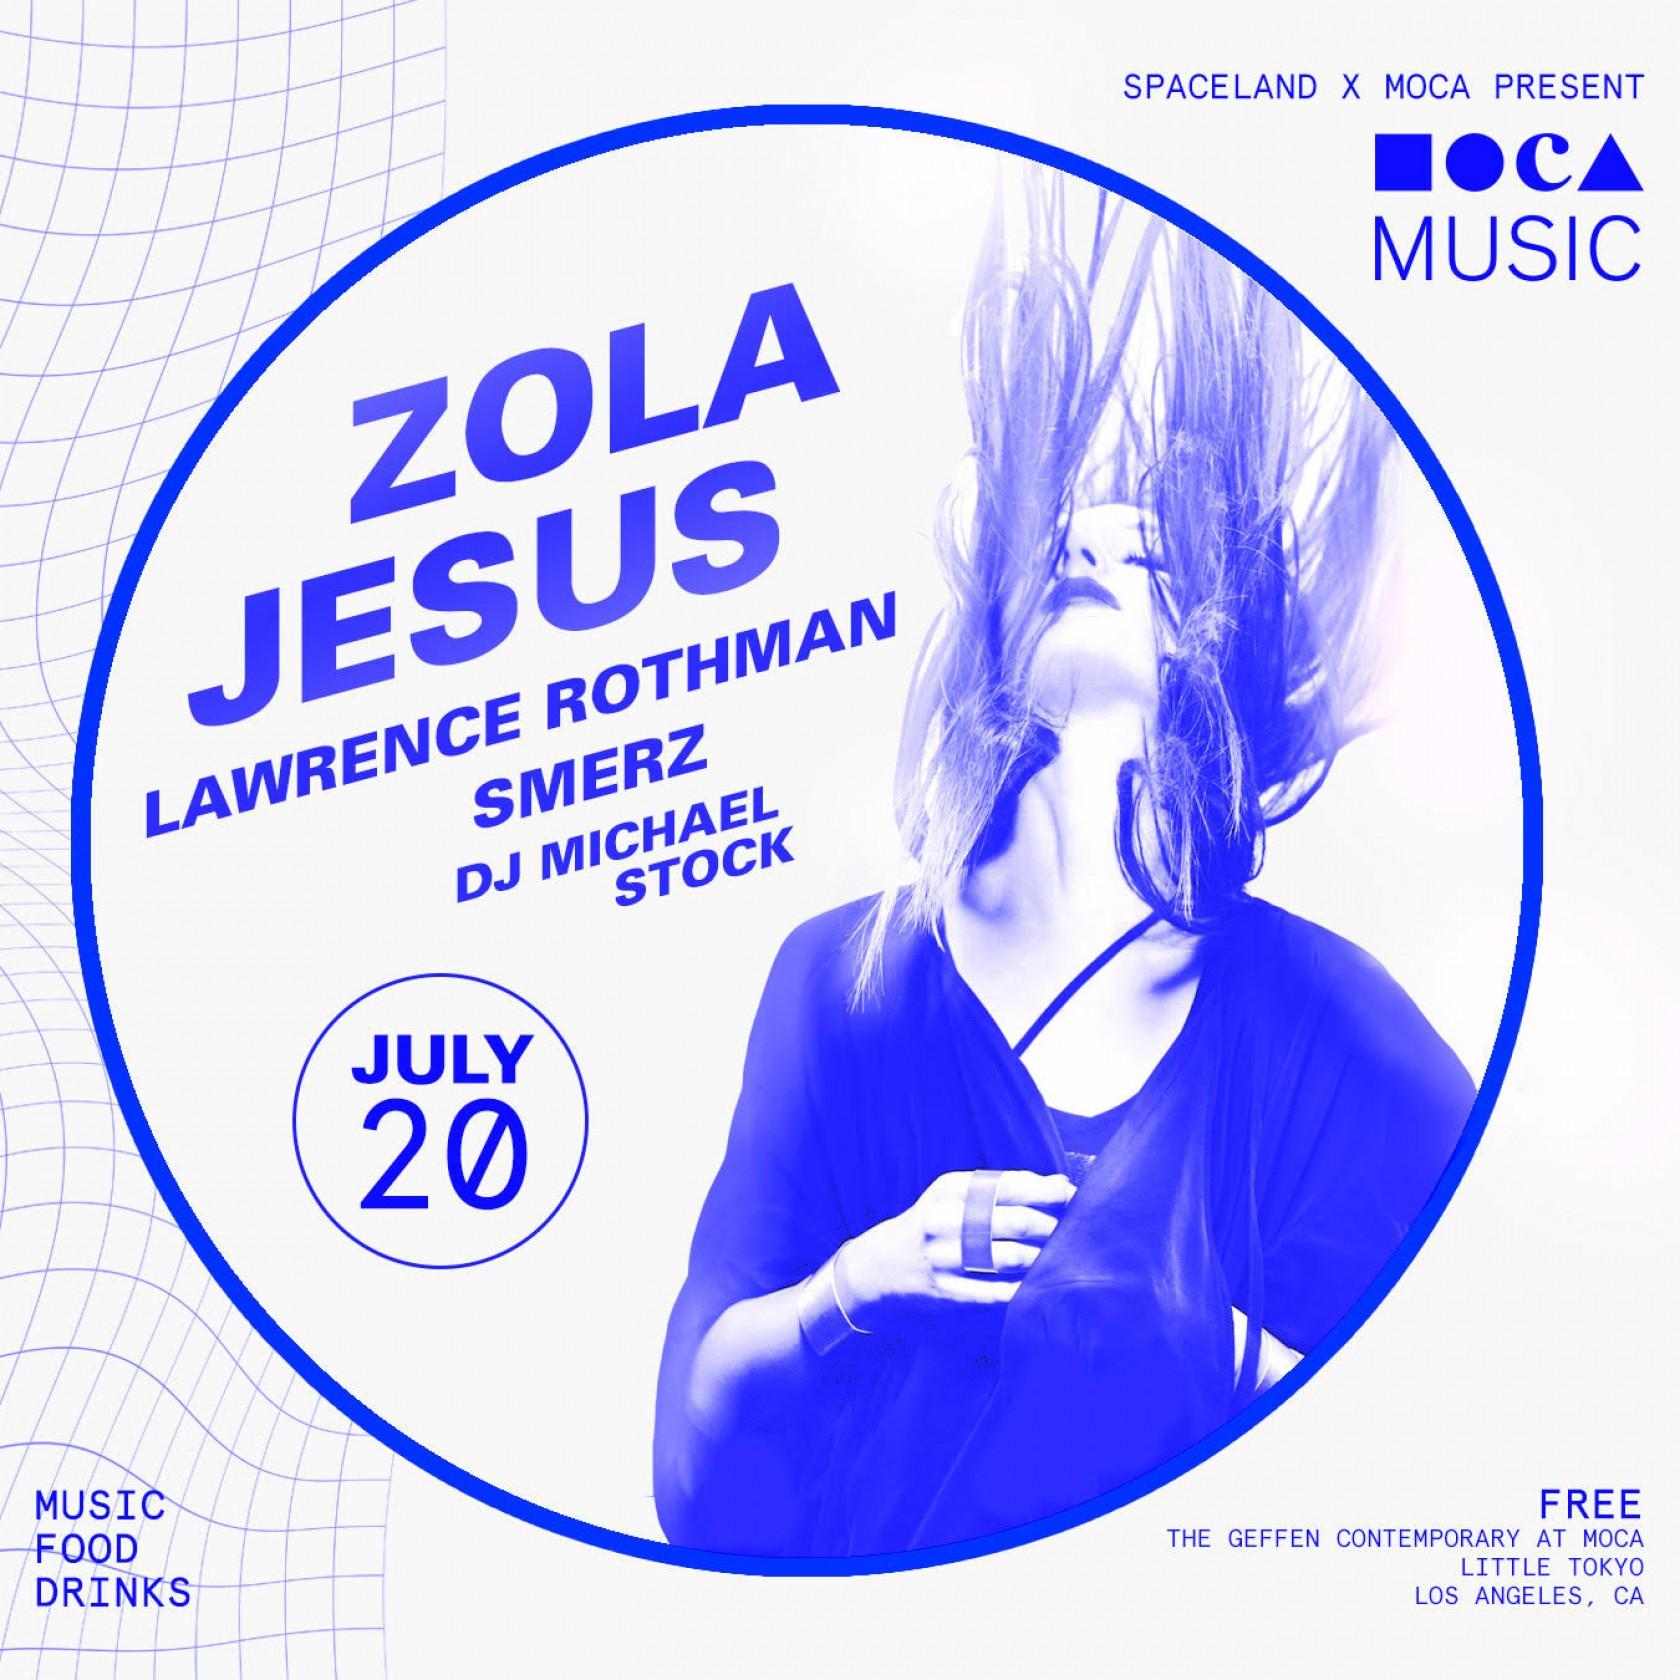 MOCA Music: Zola Jesus w/ Lawrence Rothman, Smerz, and DJ Michael Stock